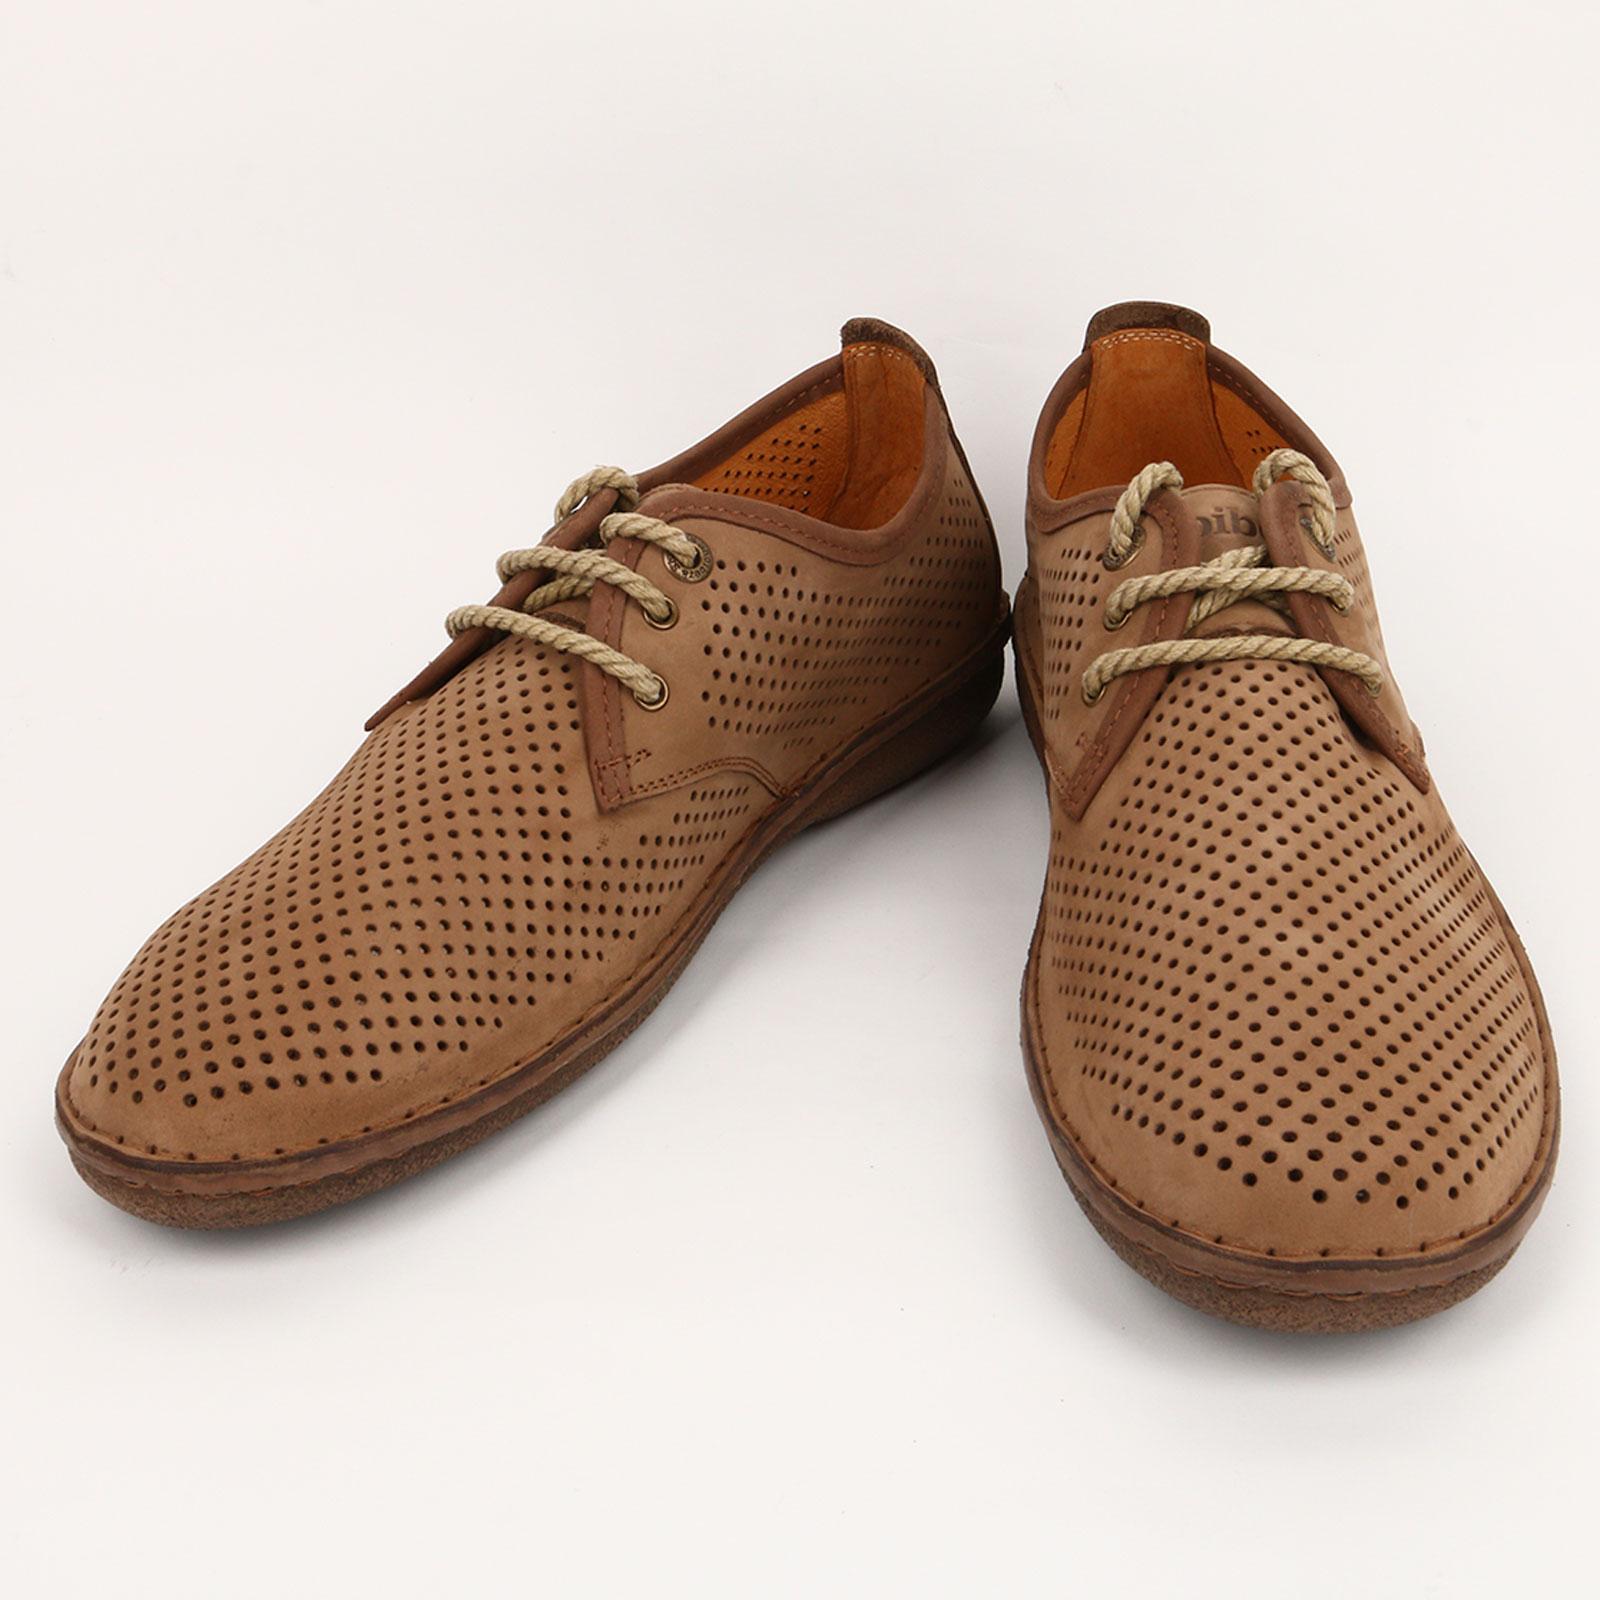 Полуботинки мужские на шнуровке и с перфорацией